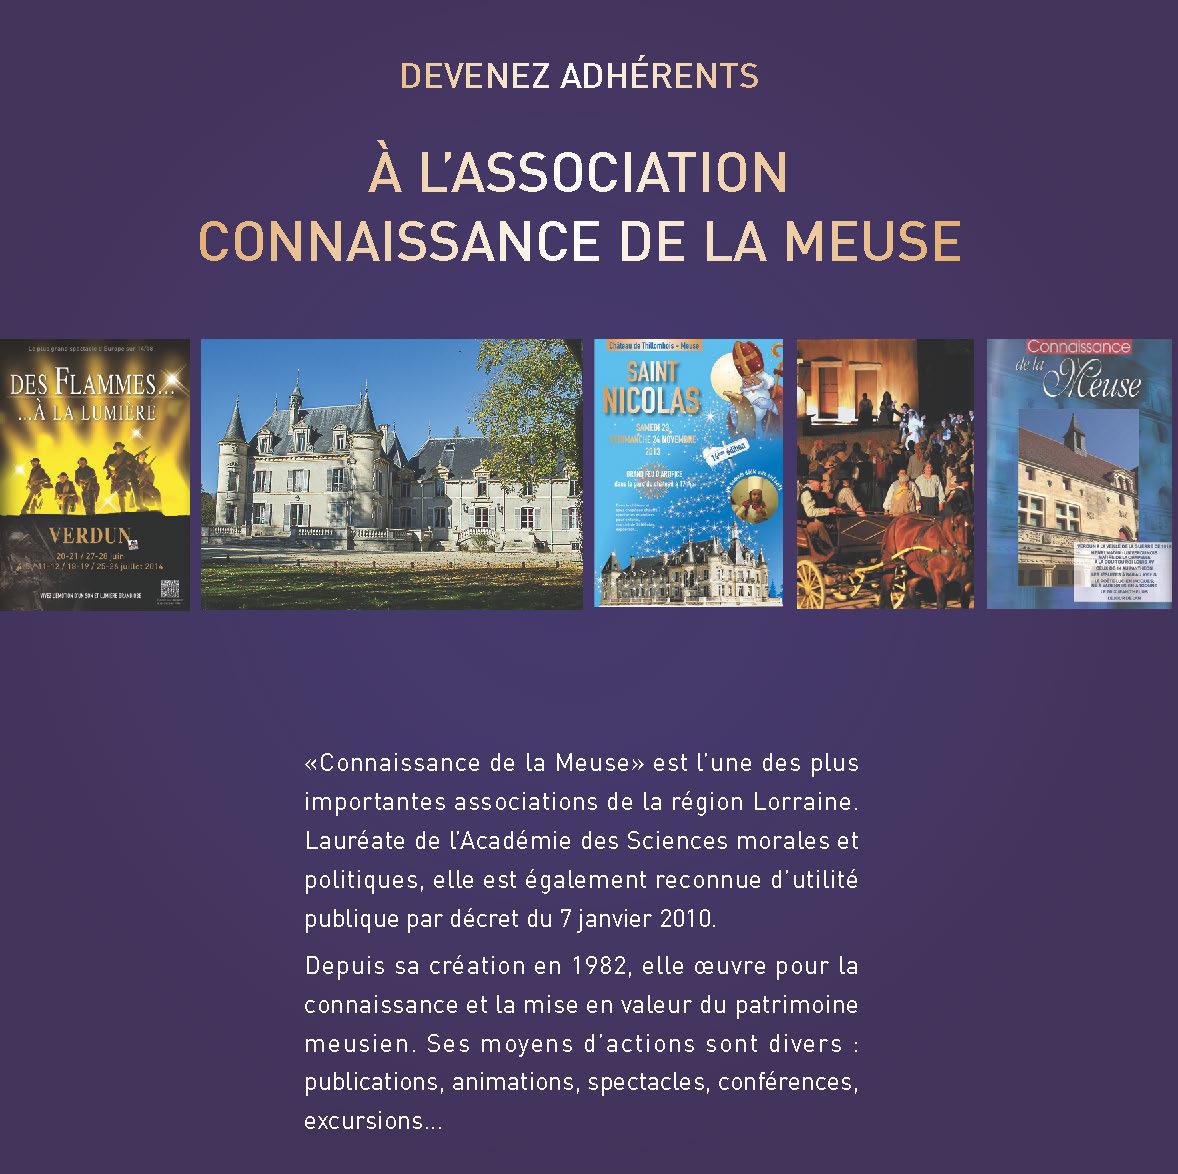 Devenez adhérents à l'association Connaissance de la Meuse